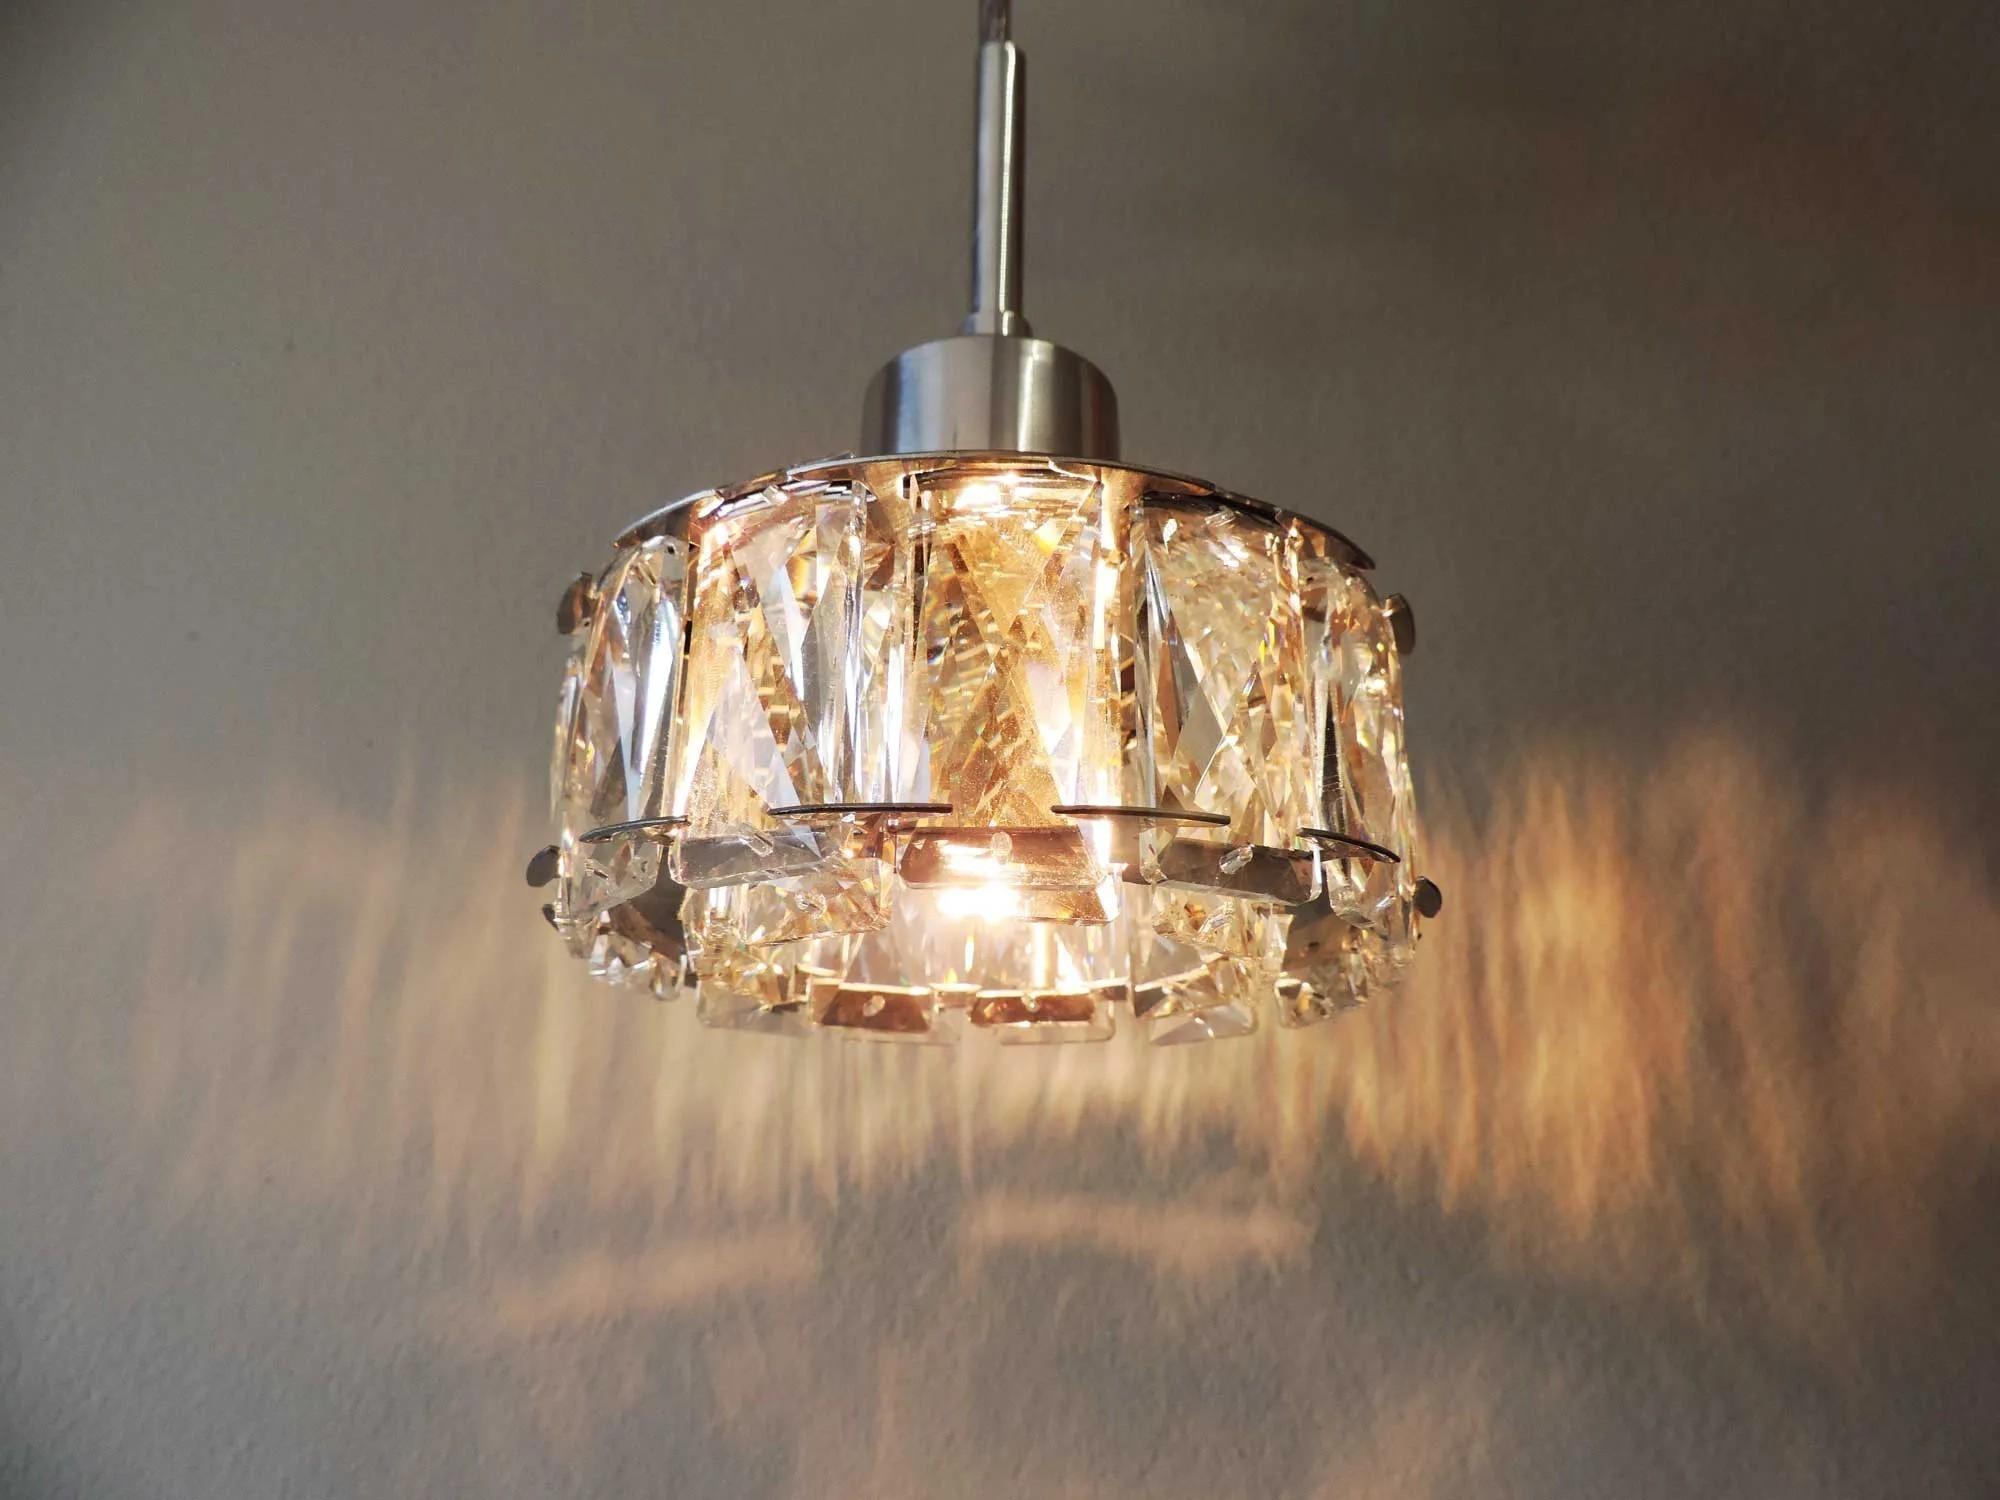 Pendente Cristal K9 para sala transparente 4929 Diam125mm X H130mm para 1x Lâmpada G9